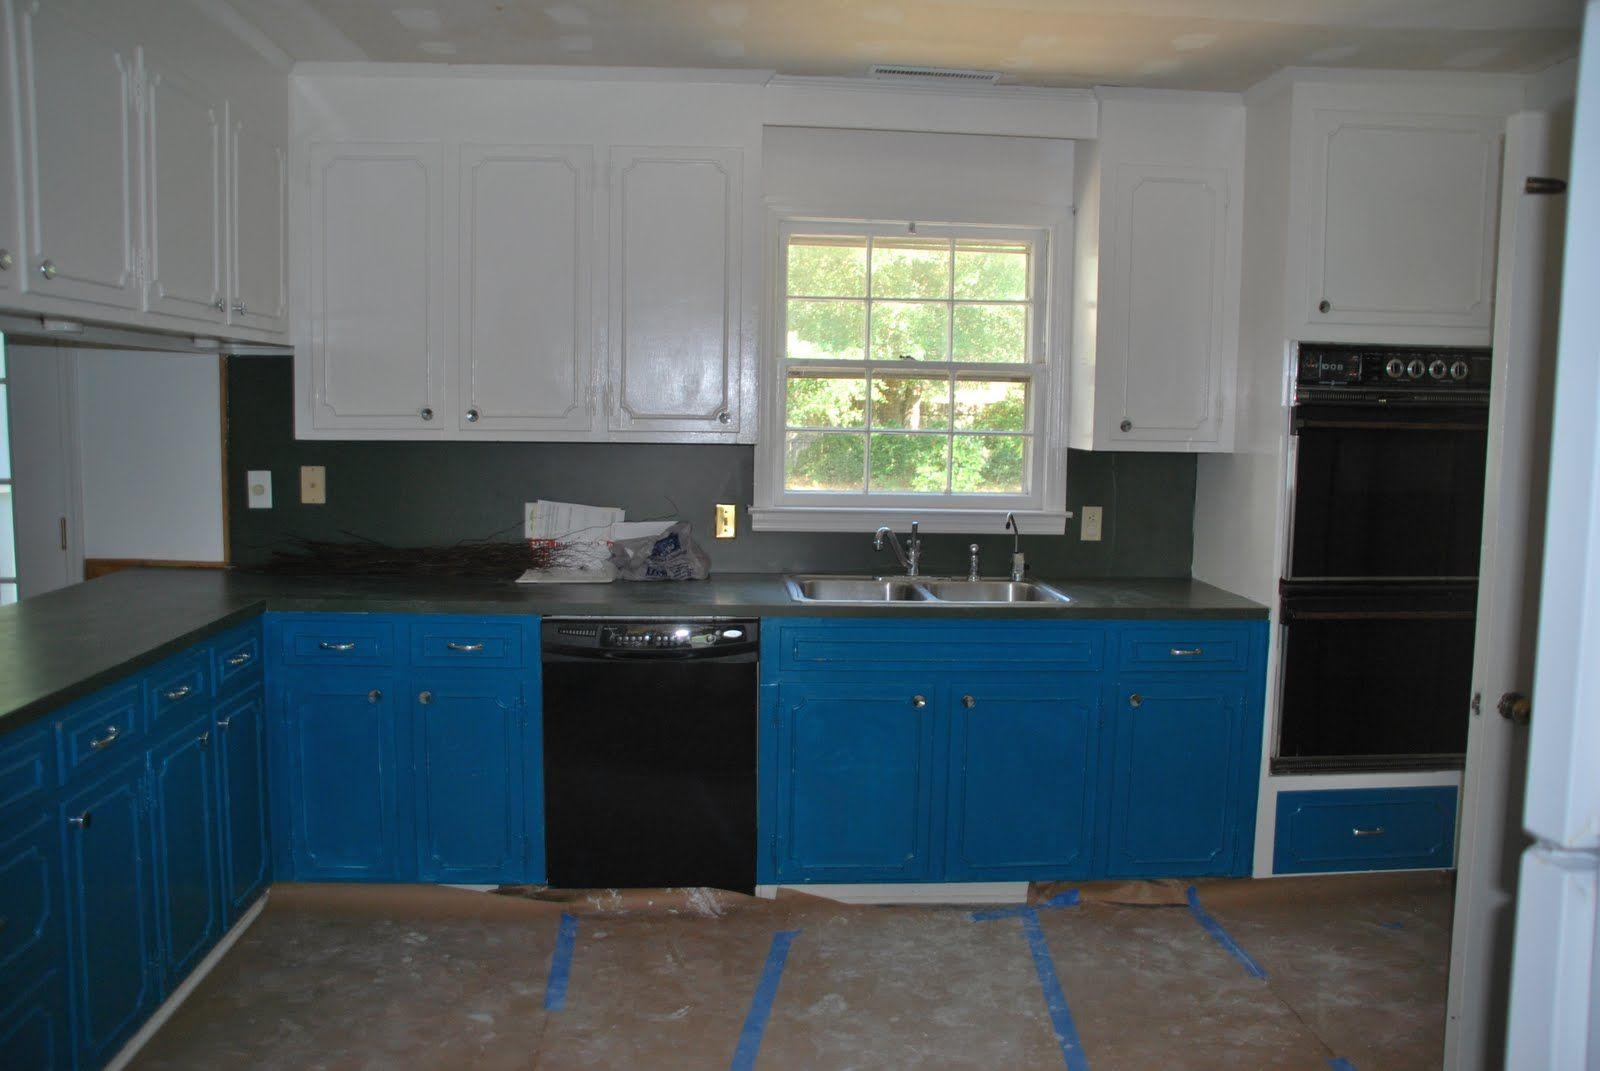 Blau Und Weiss Kuche Wandschrank Mit Schwarz Elektrogerate Und Marmor Arbeitsplatte Fur Kuche Wand S Kitchen Decor Kitchen Cabinet Colors Kitchen Colour Schemes